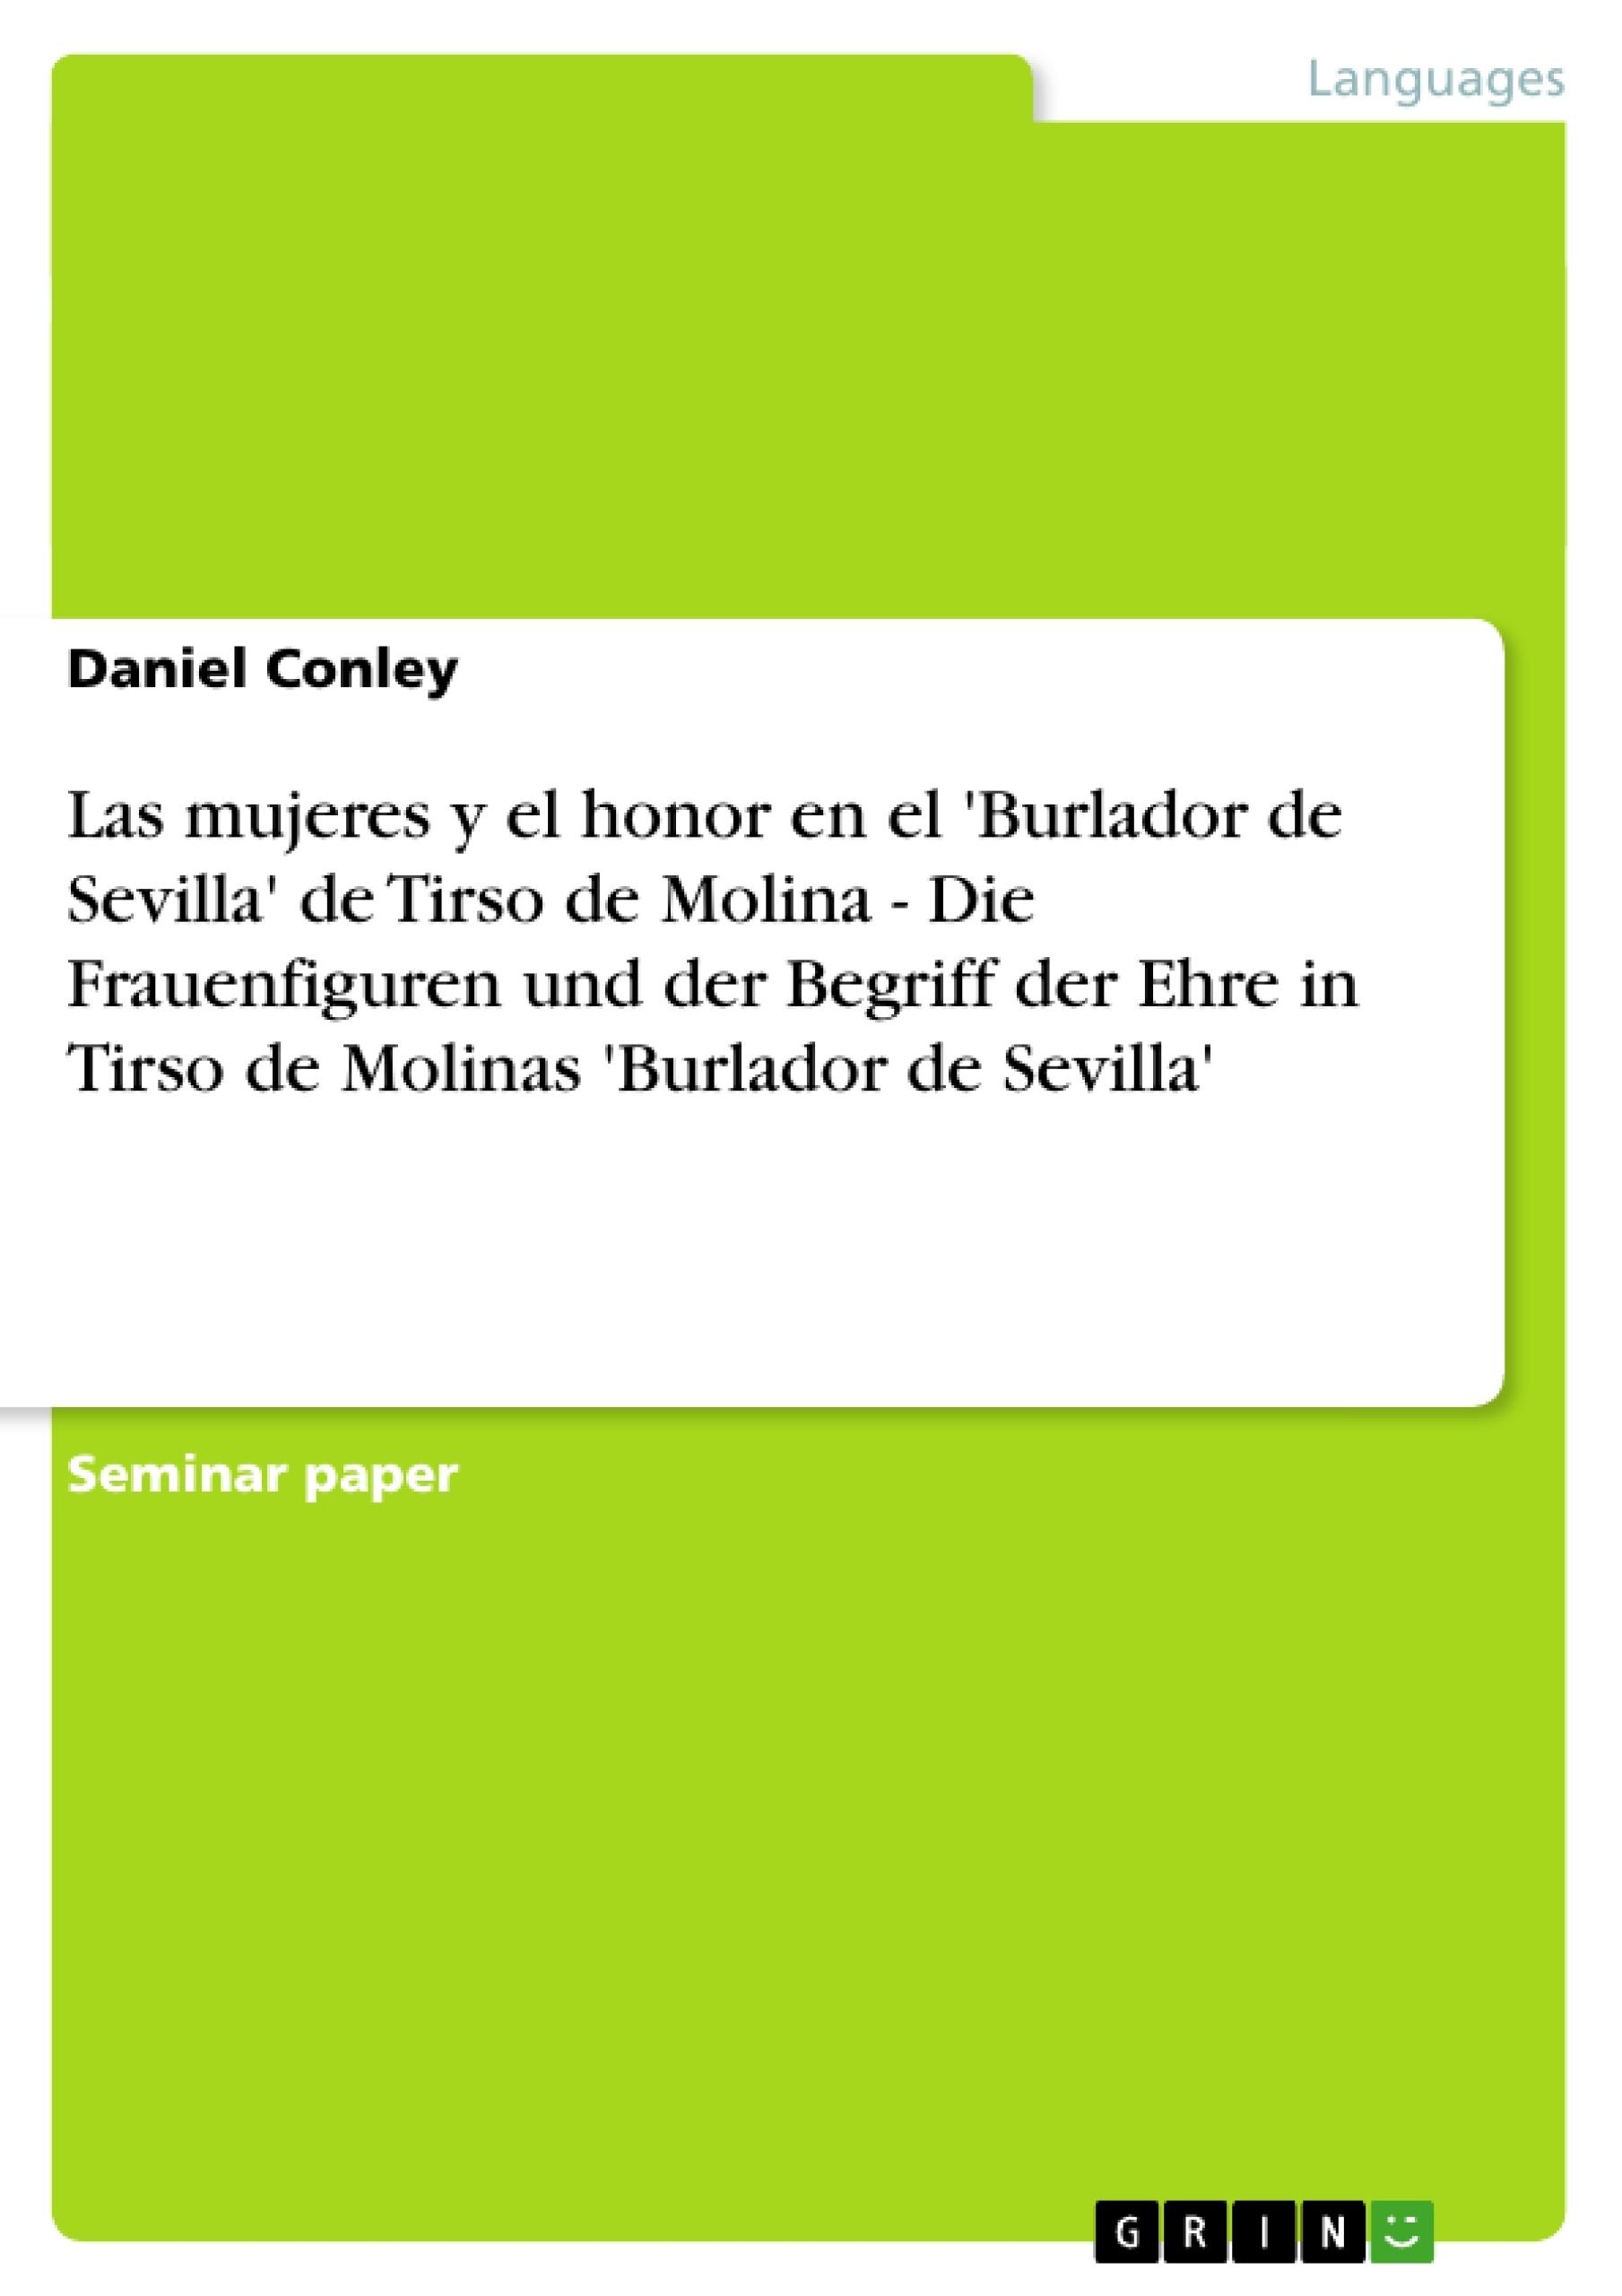 Título: Las mujeres y el honor en el 'Burlador de Sevilla' de Tirso de Molina - Die Frauenfiguren und der Begriff der Ehre in Tirso de Molinas 'Burlador de Sevilla'